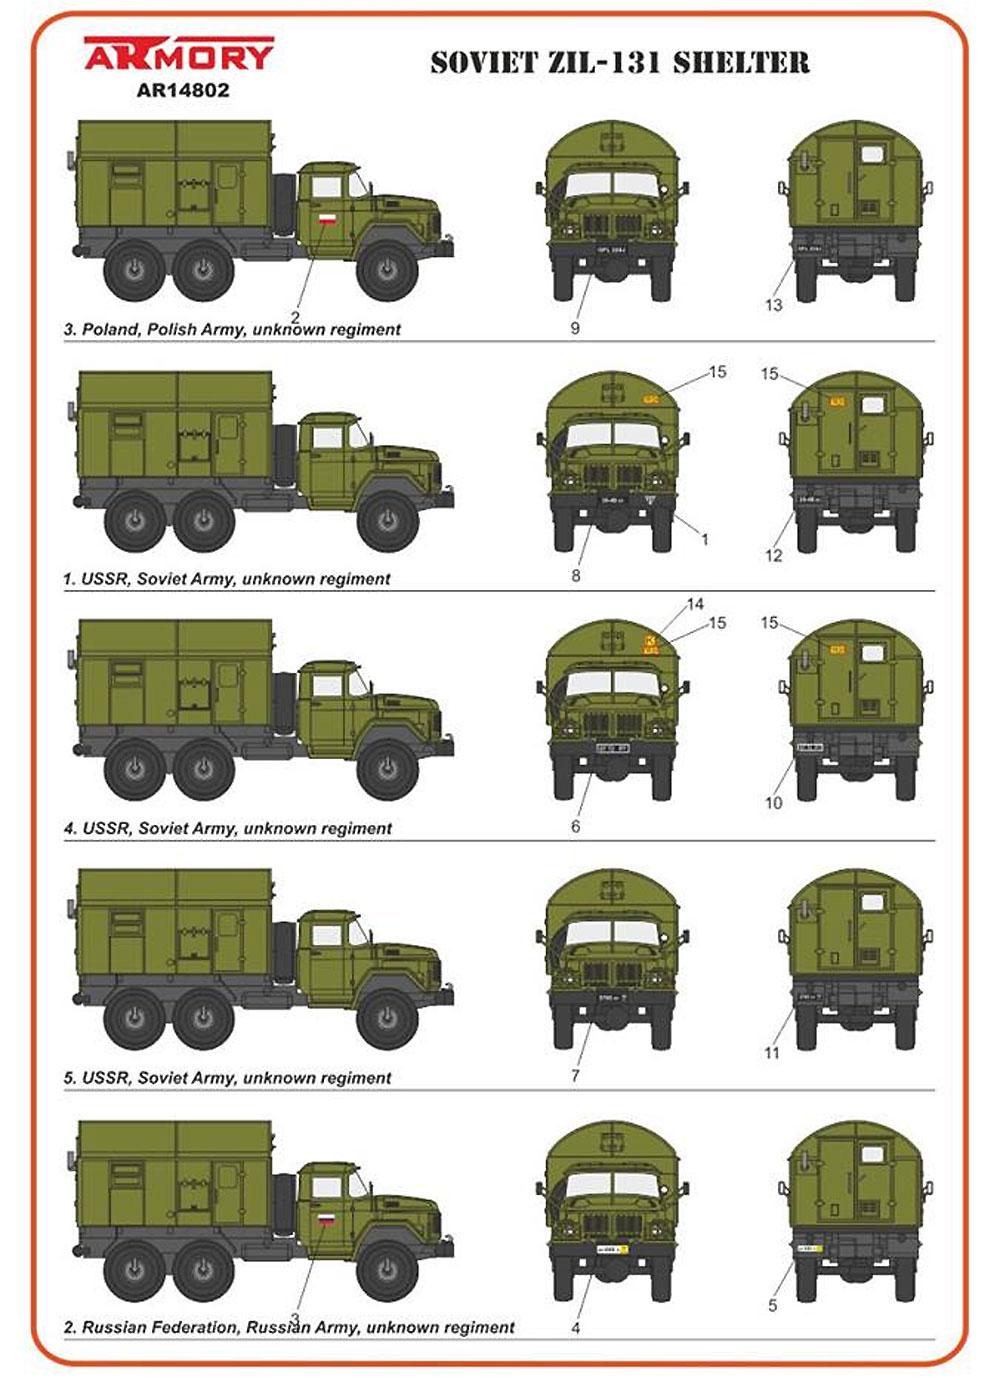 ZiL-131 3.5トン 6x6輪駆動 パネルバントラックプラモデル(ARMORY1/144 ミリタリーNo.AR14802)商品画像_2